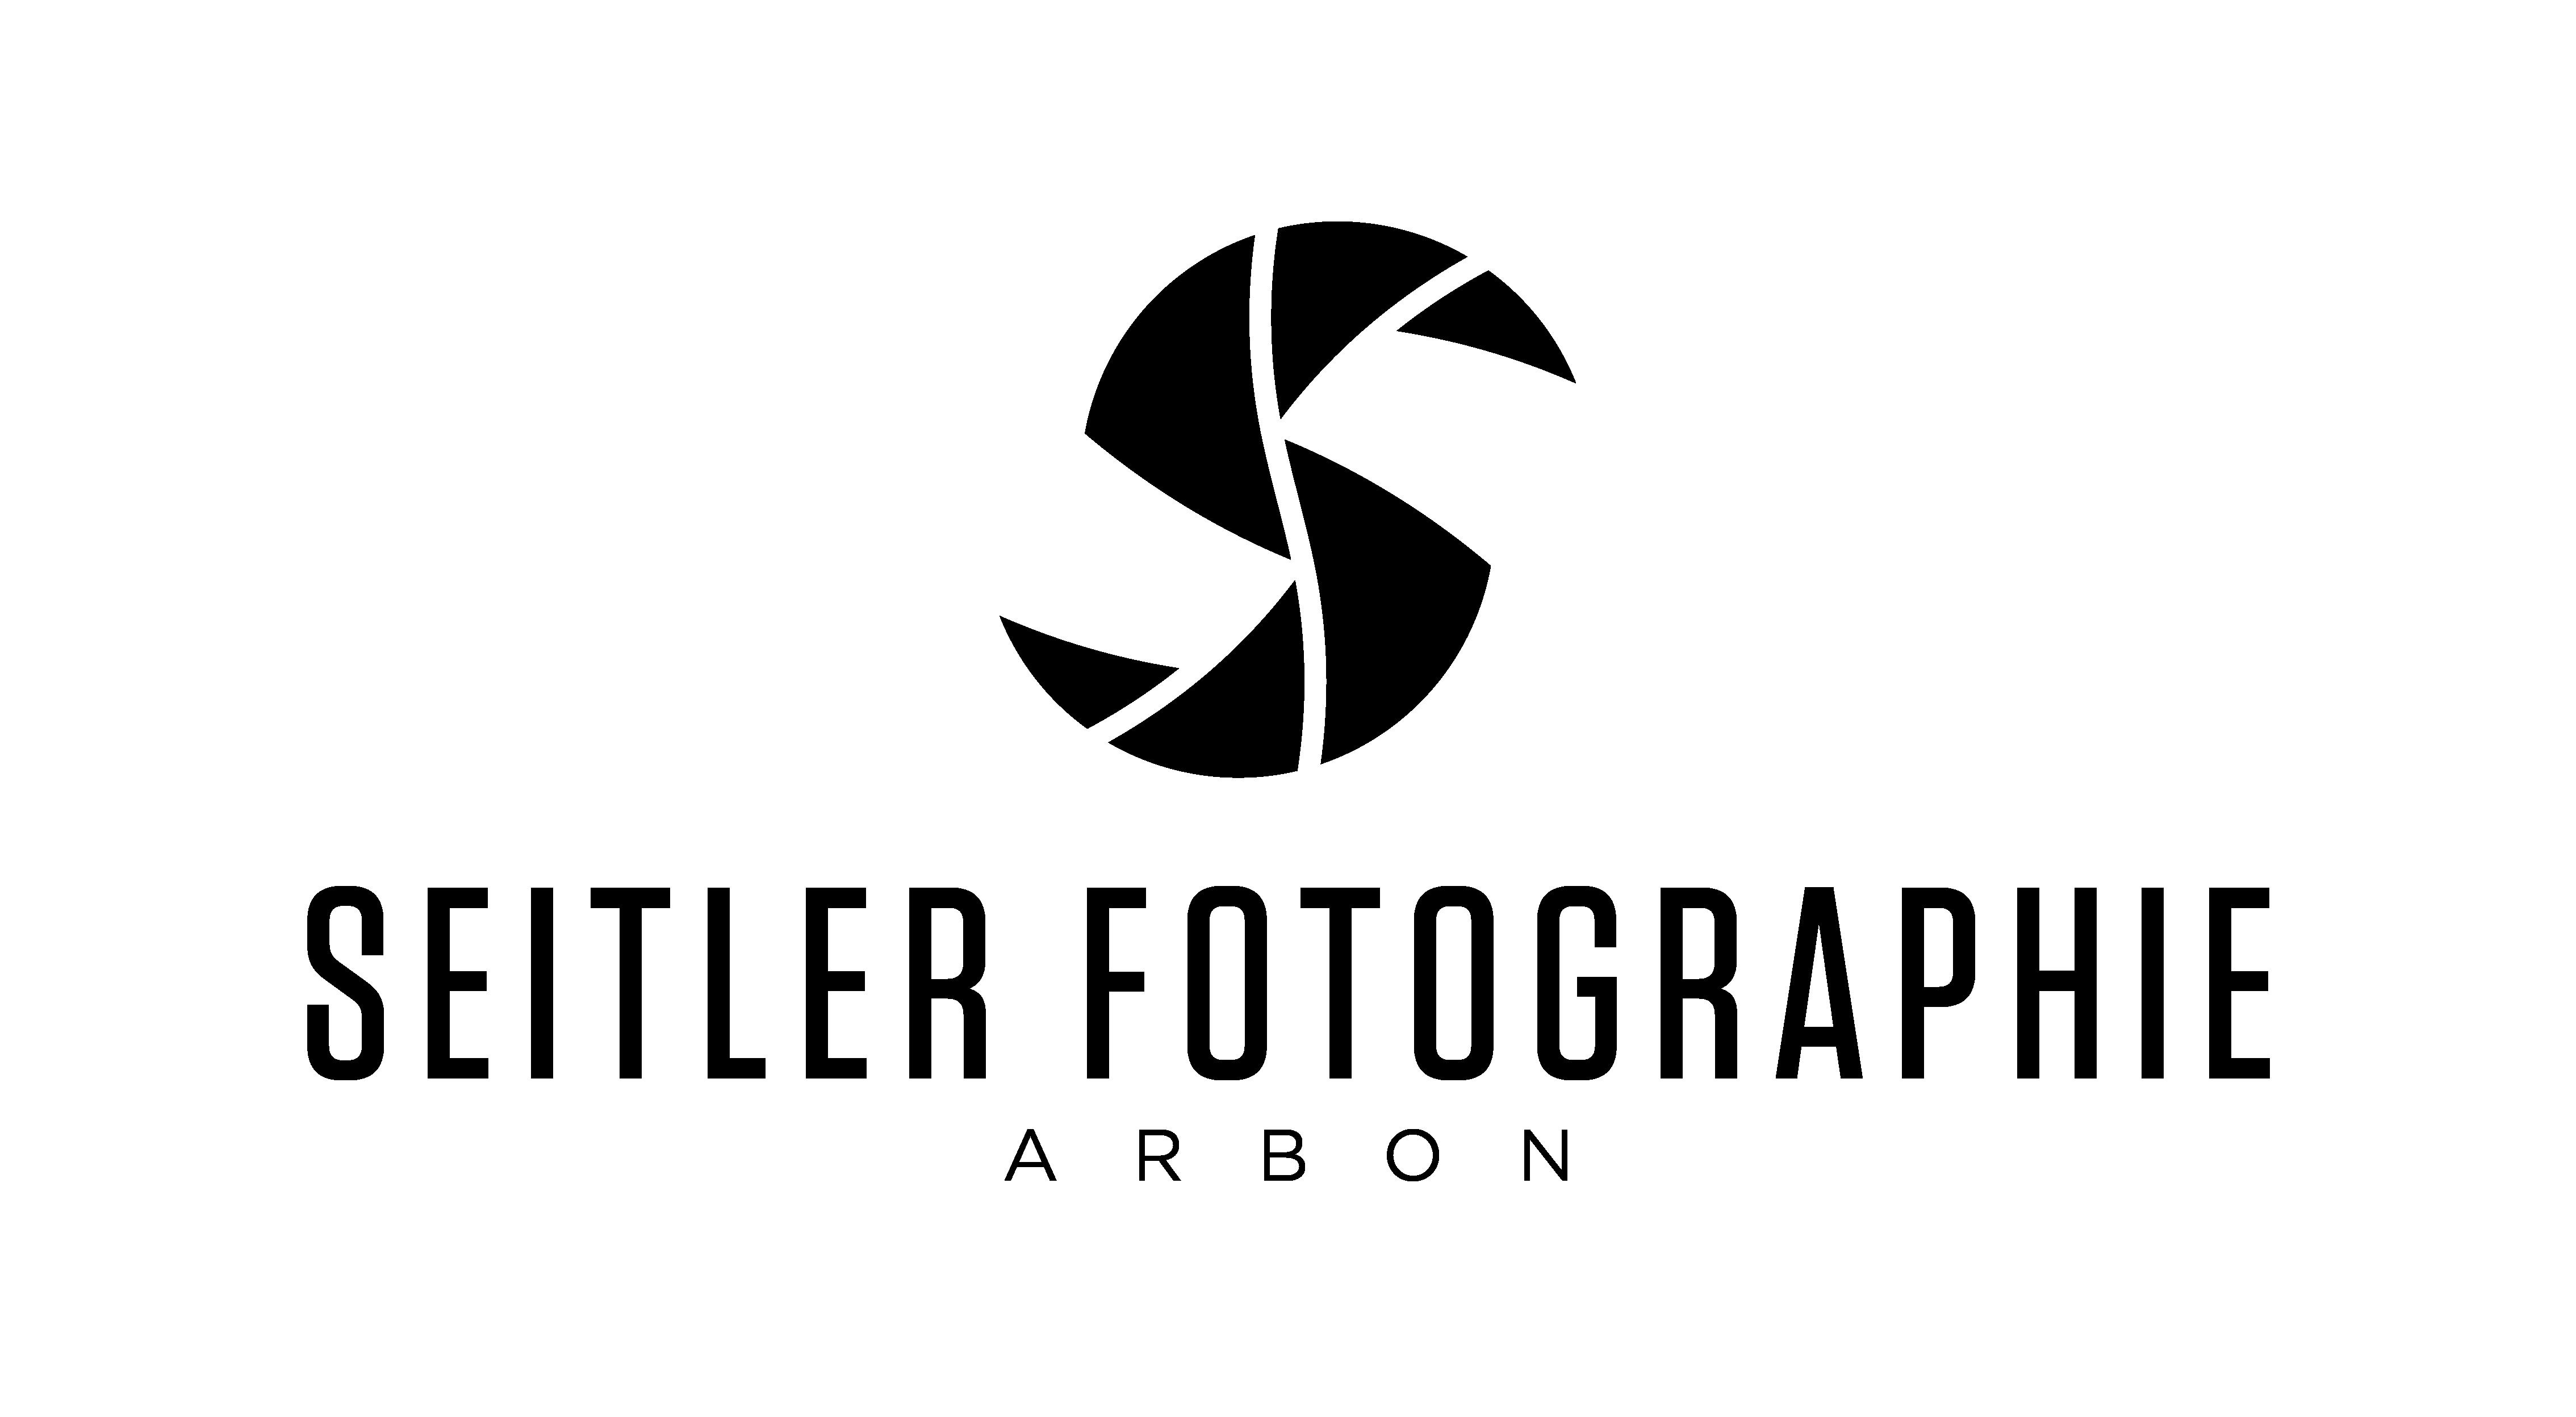 Seitlerfotographie